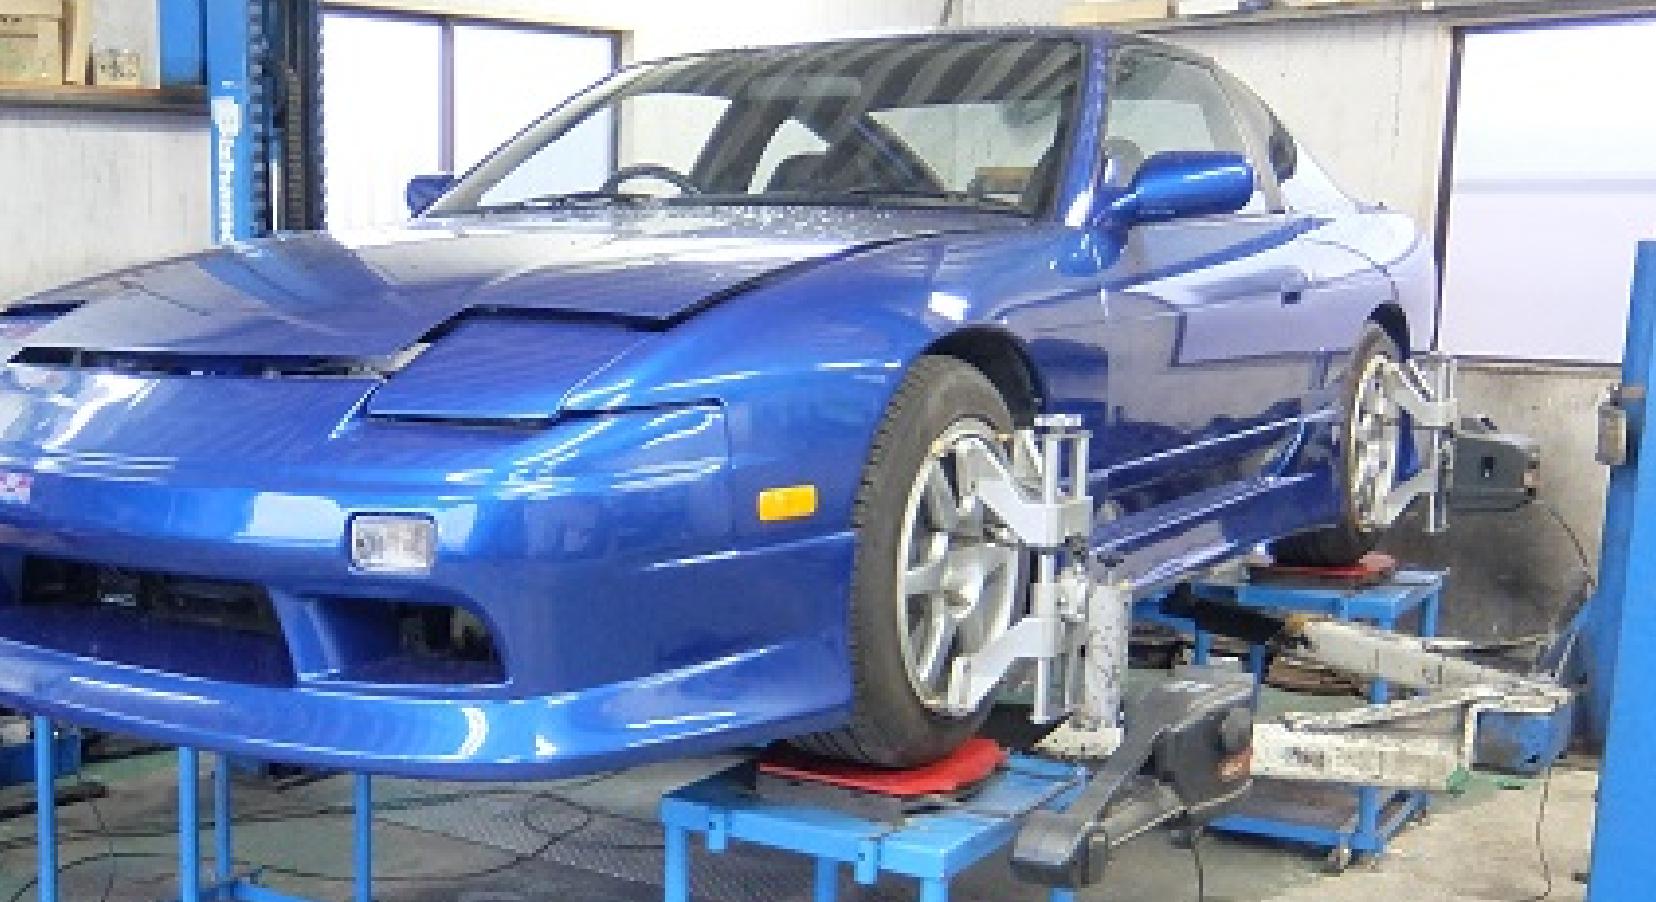 青のスポーツカー